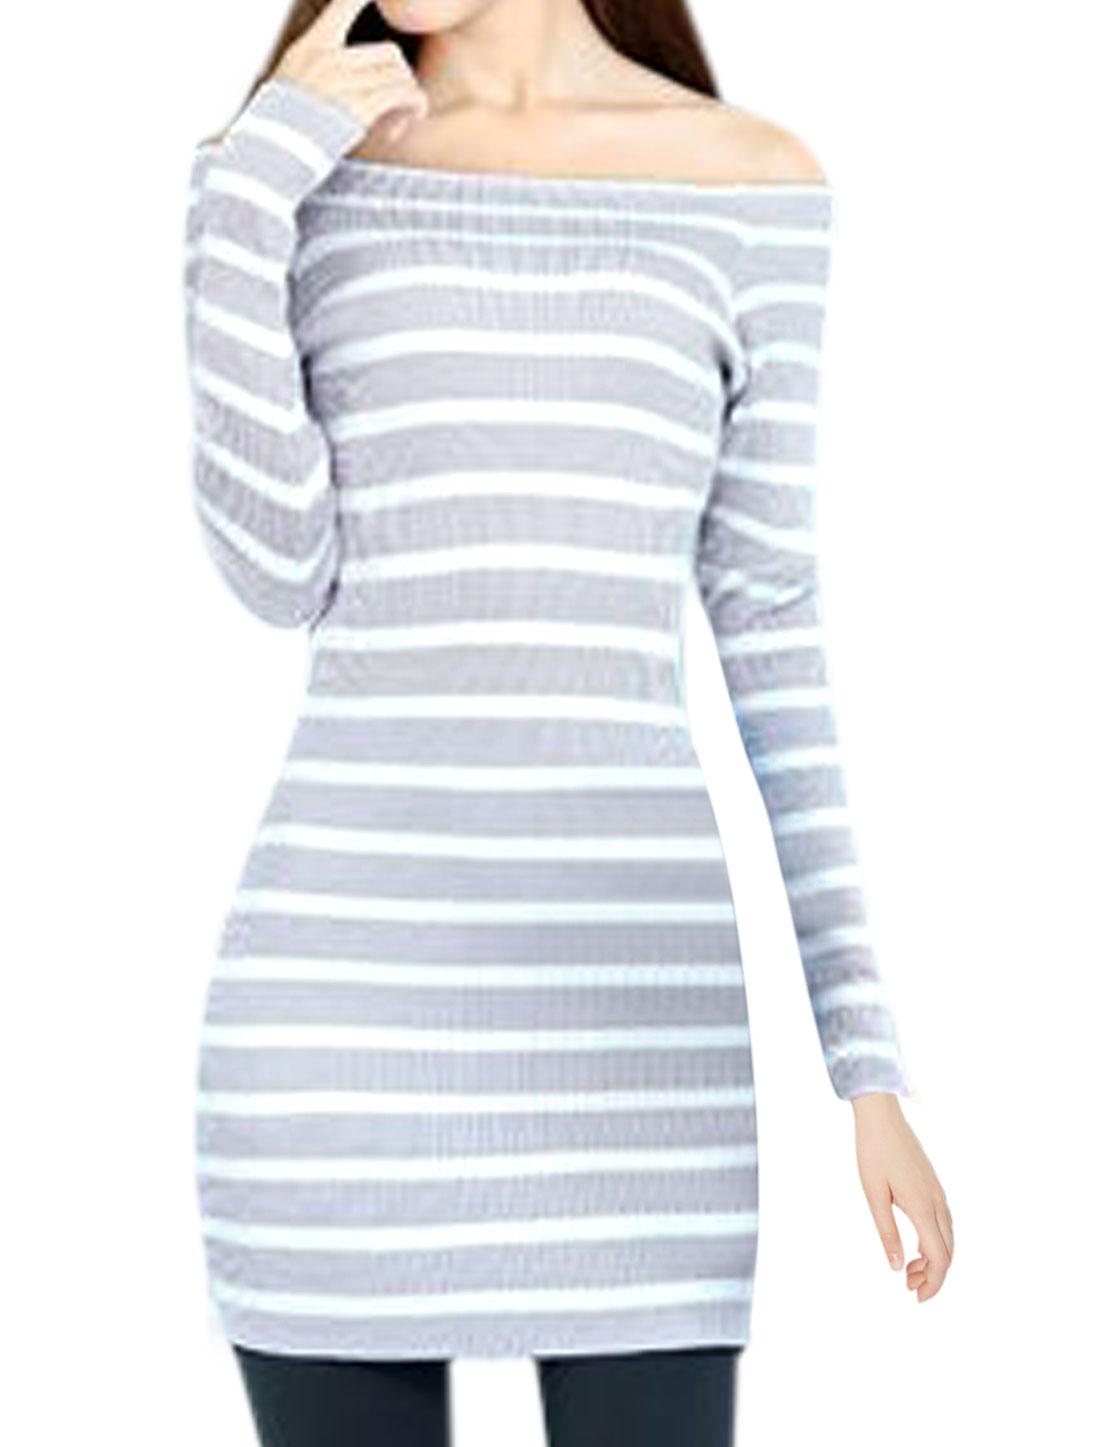 Ladies Stretchy Off Shoulder Design Stripes Slipover Sheath Dress Lavender S